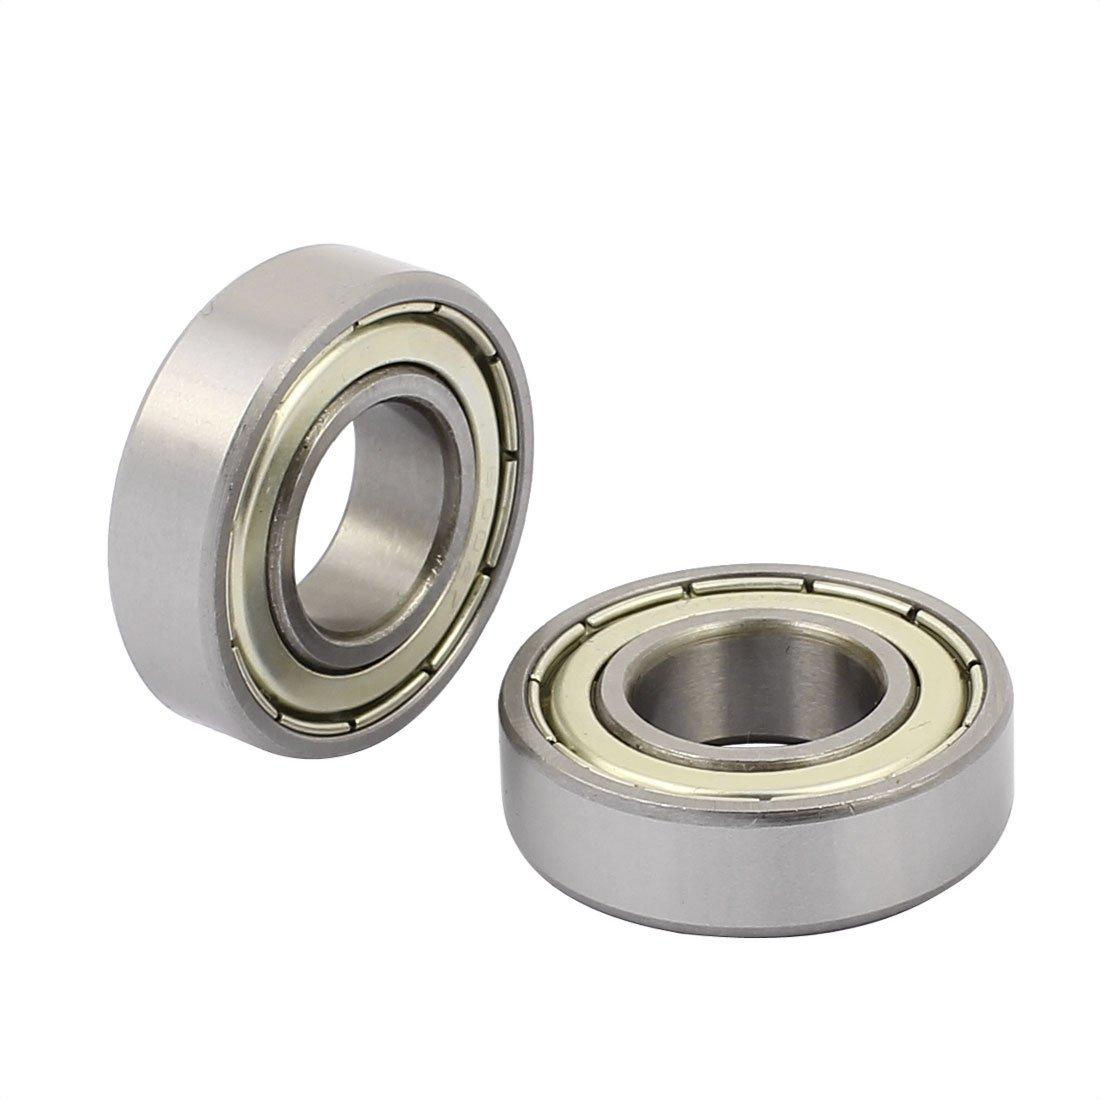 eDealMax Metal No Poco ruido exceso de velocidad rígido de Bolas Bola 15 x 32 x 9 mm 10pcs: Amazon.com: Industrial & Scientific